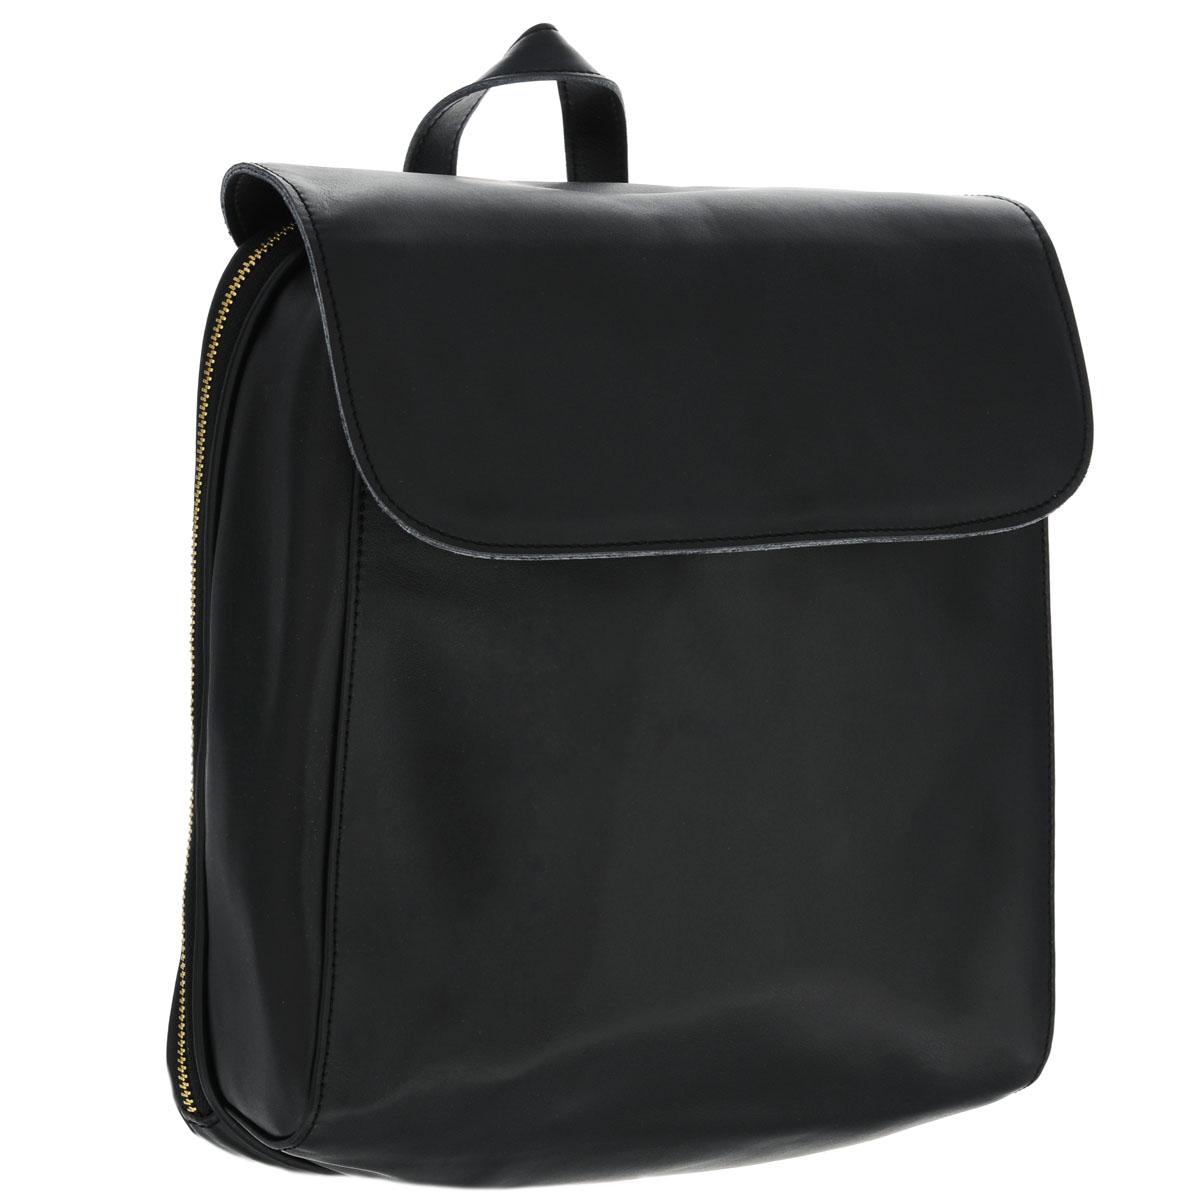 Рюкзак женский Fancys Bag, цвет: черный. 9531-049531-04Трендовый женский рюкзак-сумка Fancys Bag изготовлен из натуральной кожи и исполнен в лаконичном стиле. Изделие закрывается клапаном на магнитную кнопку и дополнительно на застежку-молнию. Вместительное внутреннее отделение, разделенное средником на молнии, содержит два накладных кармашка для мелочей, мобильного телефона и врезной карман на застежке-молнии. Обратная сторона дополнена врезным карманом на магнитной кнопке. Сумка оснащена ручкой-переноской и плечевыми лямками регулируемой длины. В комплект с рюкзаком входит стильный фирменный чехол. Модный рюкзак-сумка не только покорит своим удобством, но и позволит вам взять с собой в поездку все необходимые вещи. Характеристики: Длина плечевого ремня: 66,5 см. Высота ручки-переноски: 9 см.